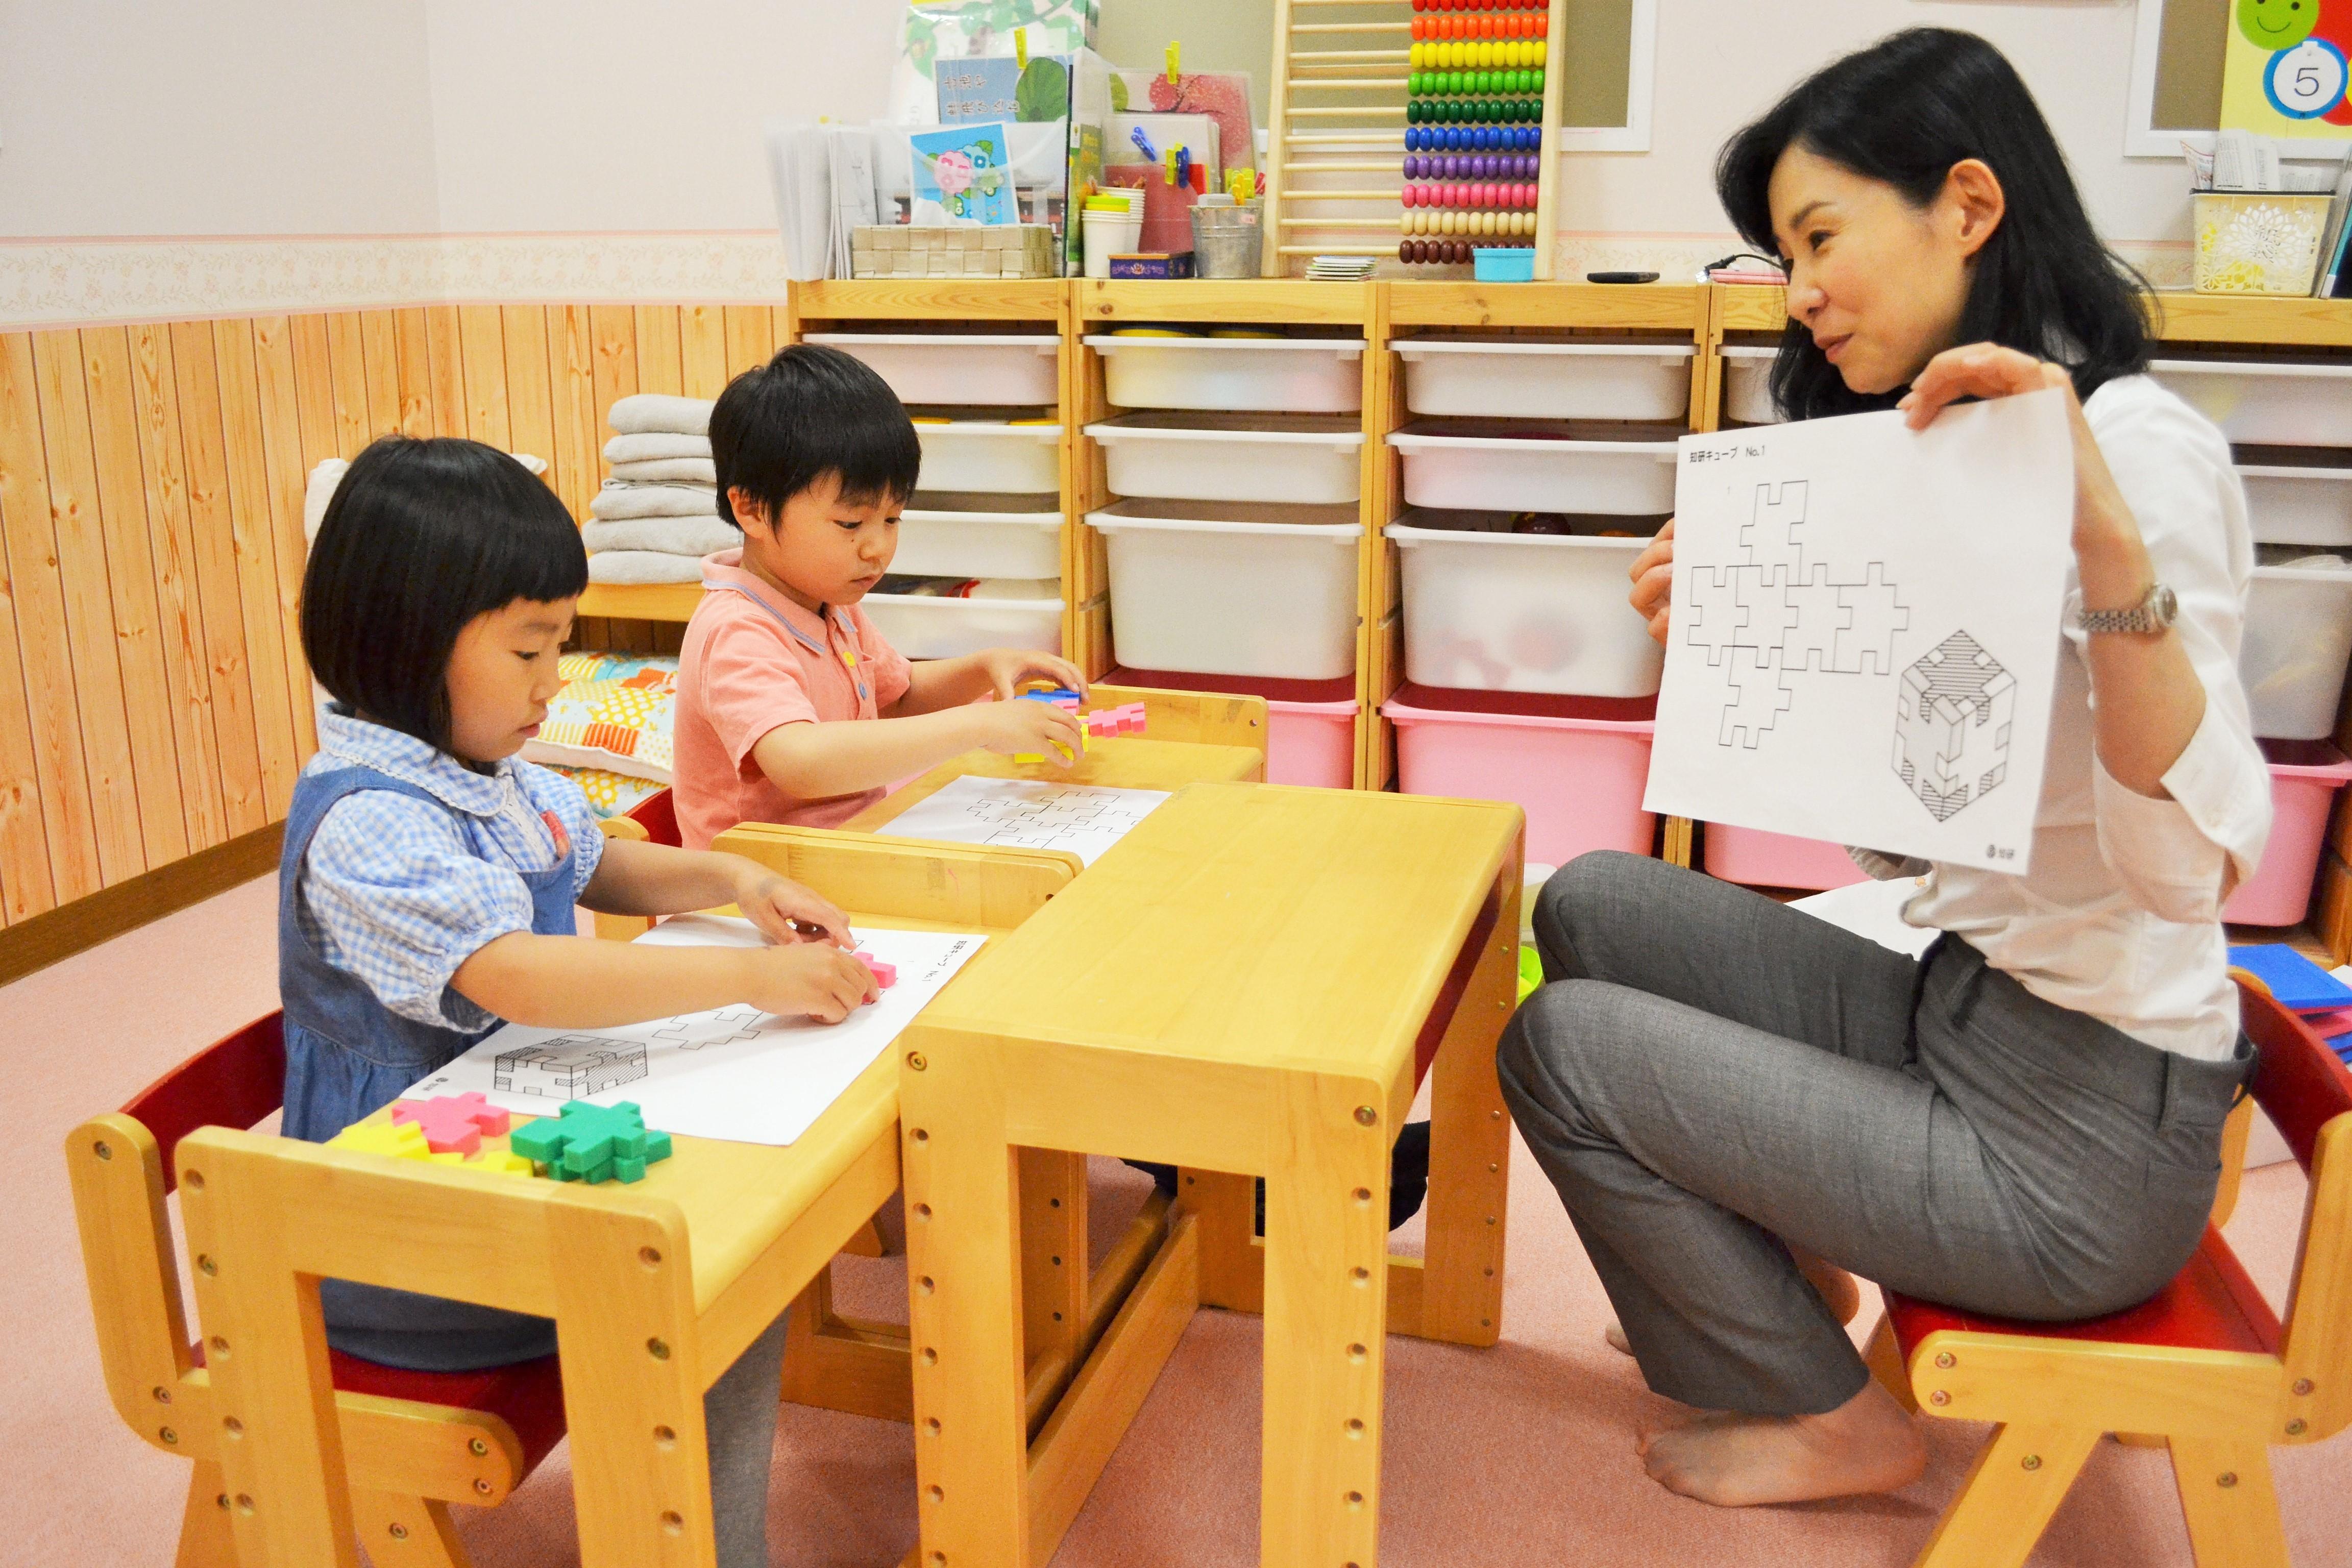 TOEキッズアカデミー 上本町教室 のアルバイト情報